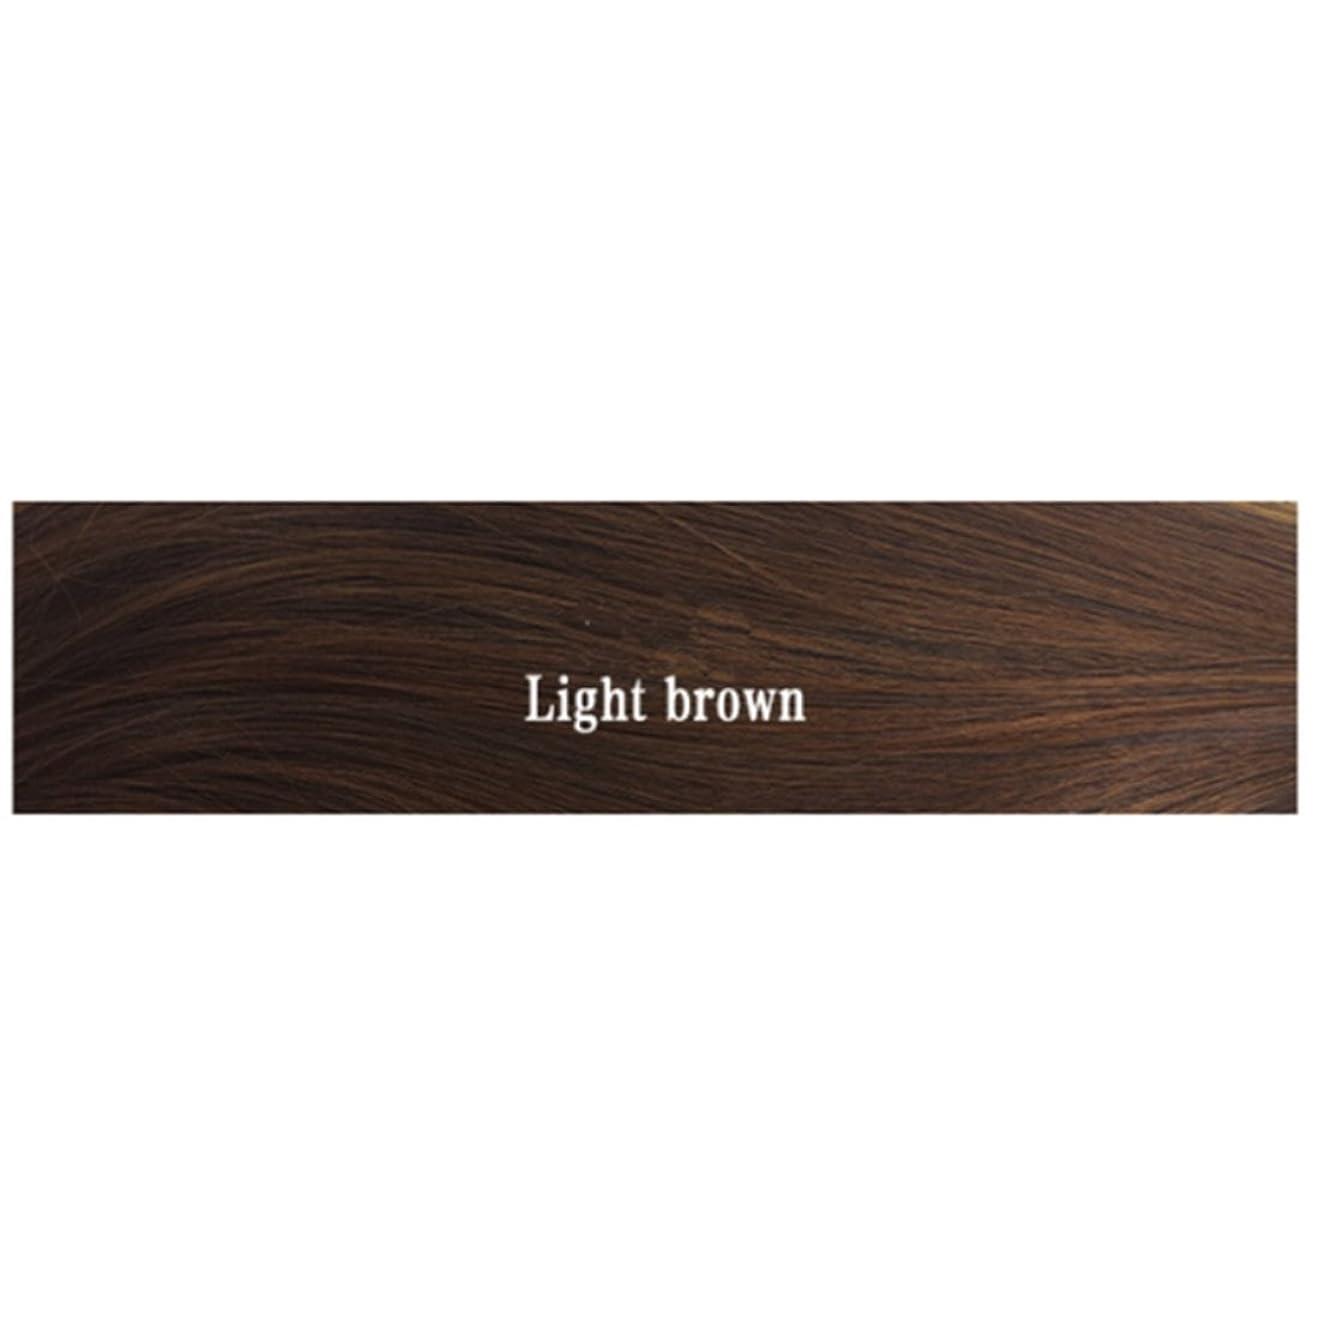 登録するホイール頭JIANFU 女性 長い 耐熱 ストレート ウィッグ 調節可能なウィッグ 自然 魅力的 220g(ブラック、ダーク ブラウン、ライト ブラウン、ベージュ、ライト ピンク) (Color : Light brown)